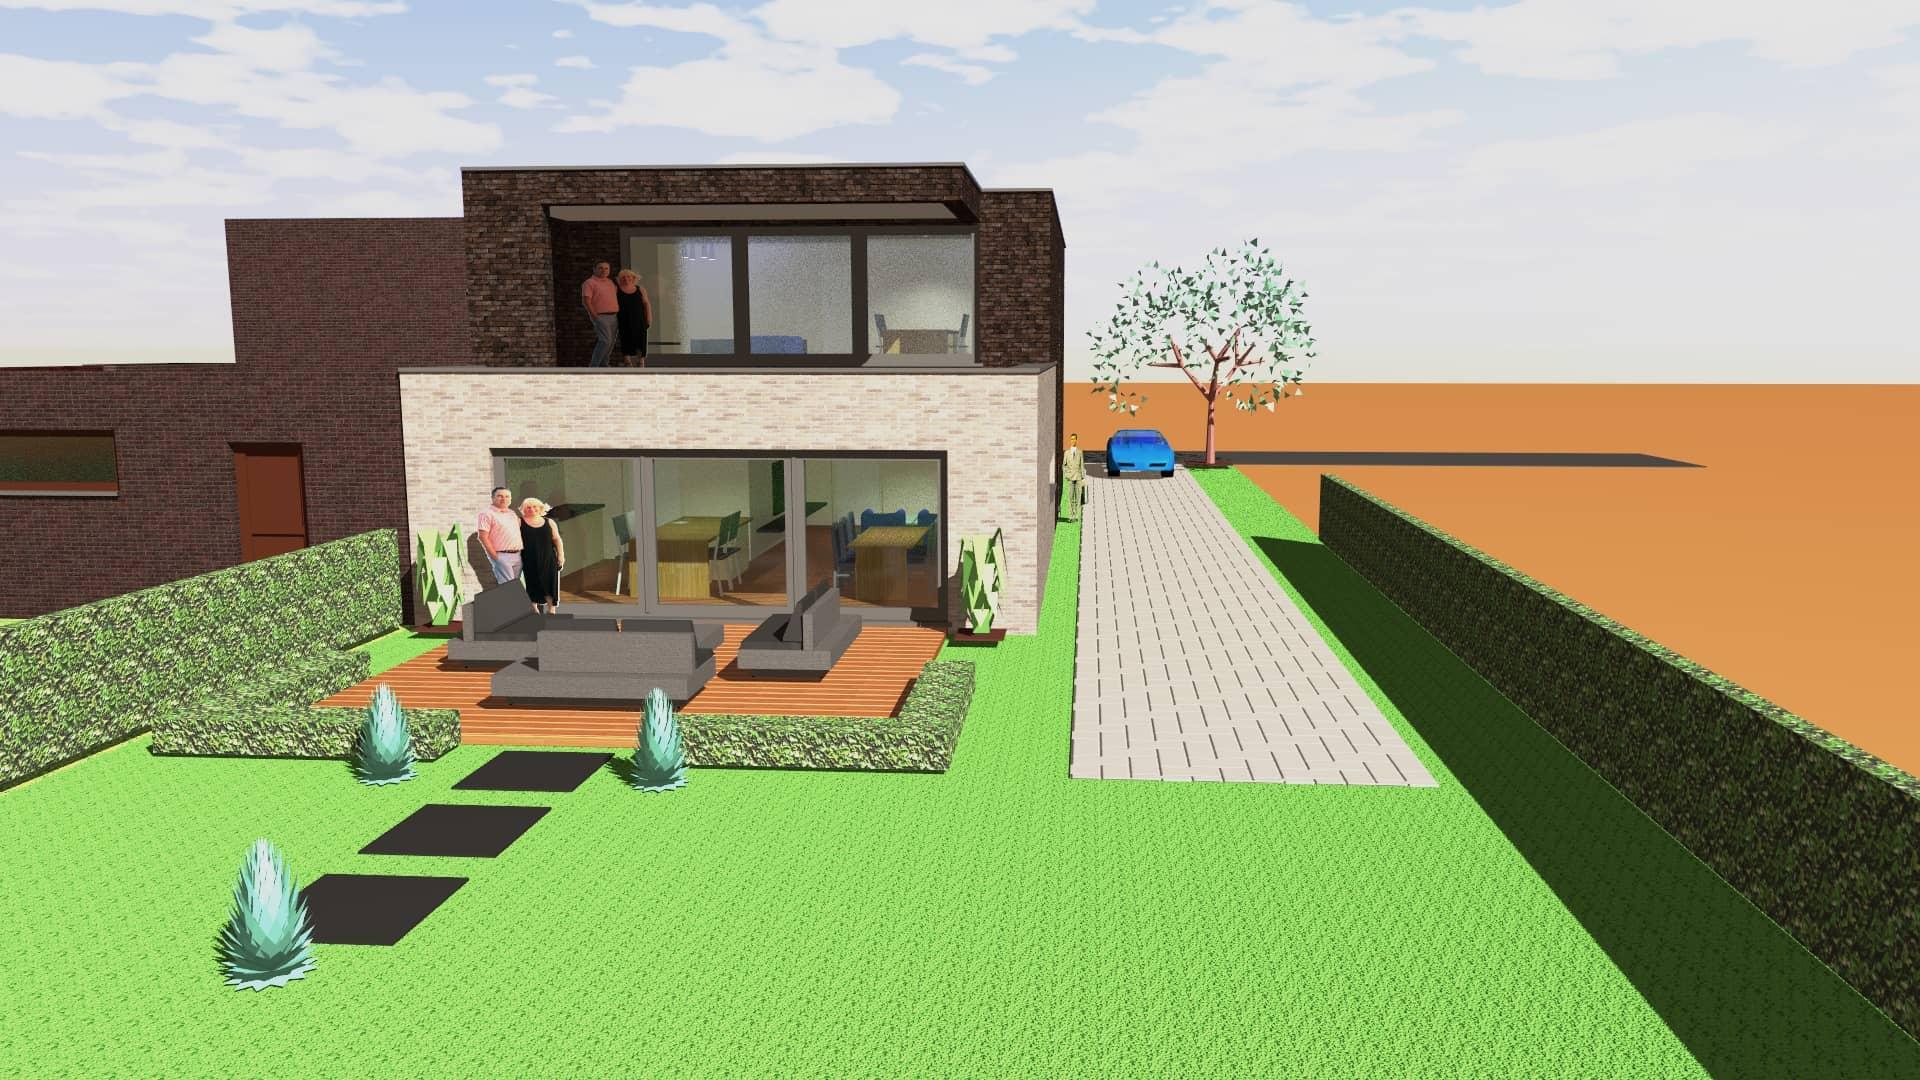 Detail afbeelding 4 van Twee-woonst   –   Half open  –  Genk  (NR) | Ontwerp door architect Patrick Strackx